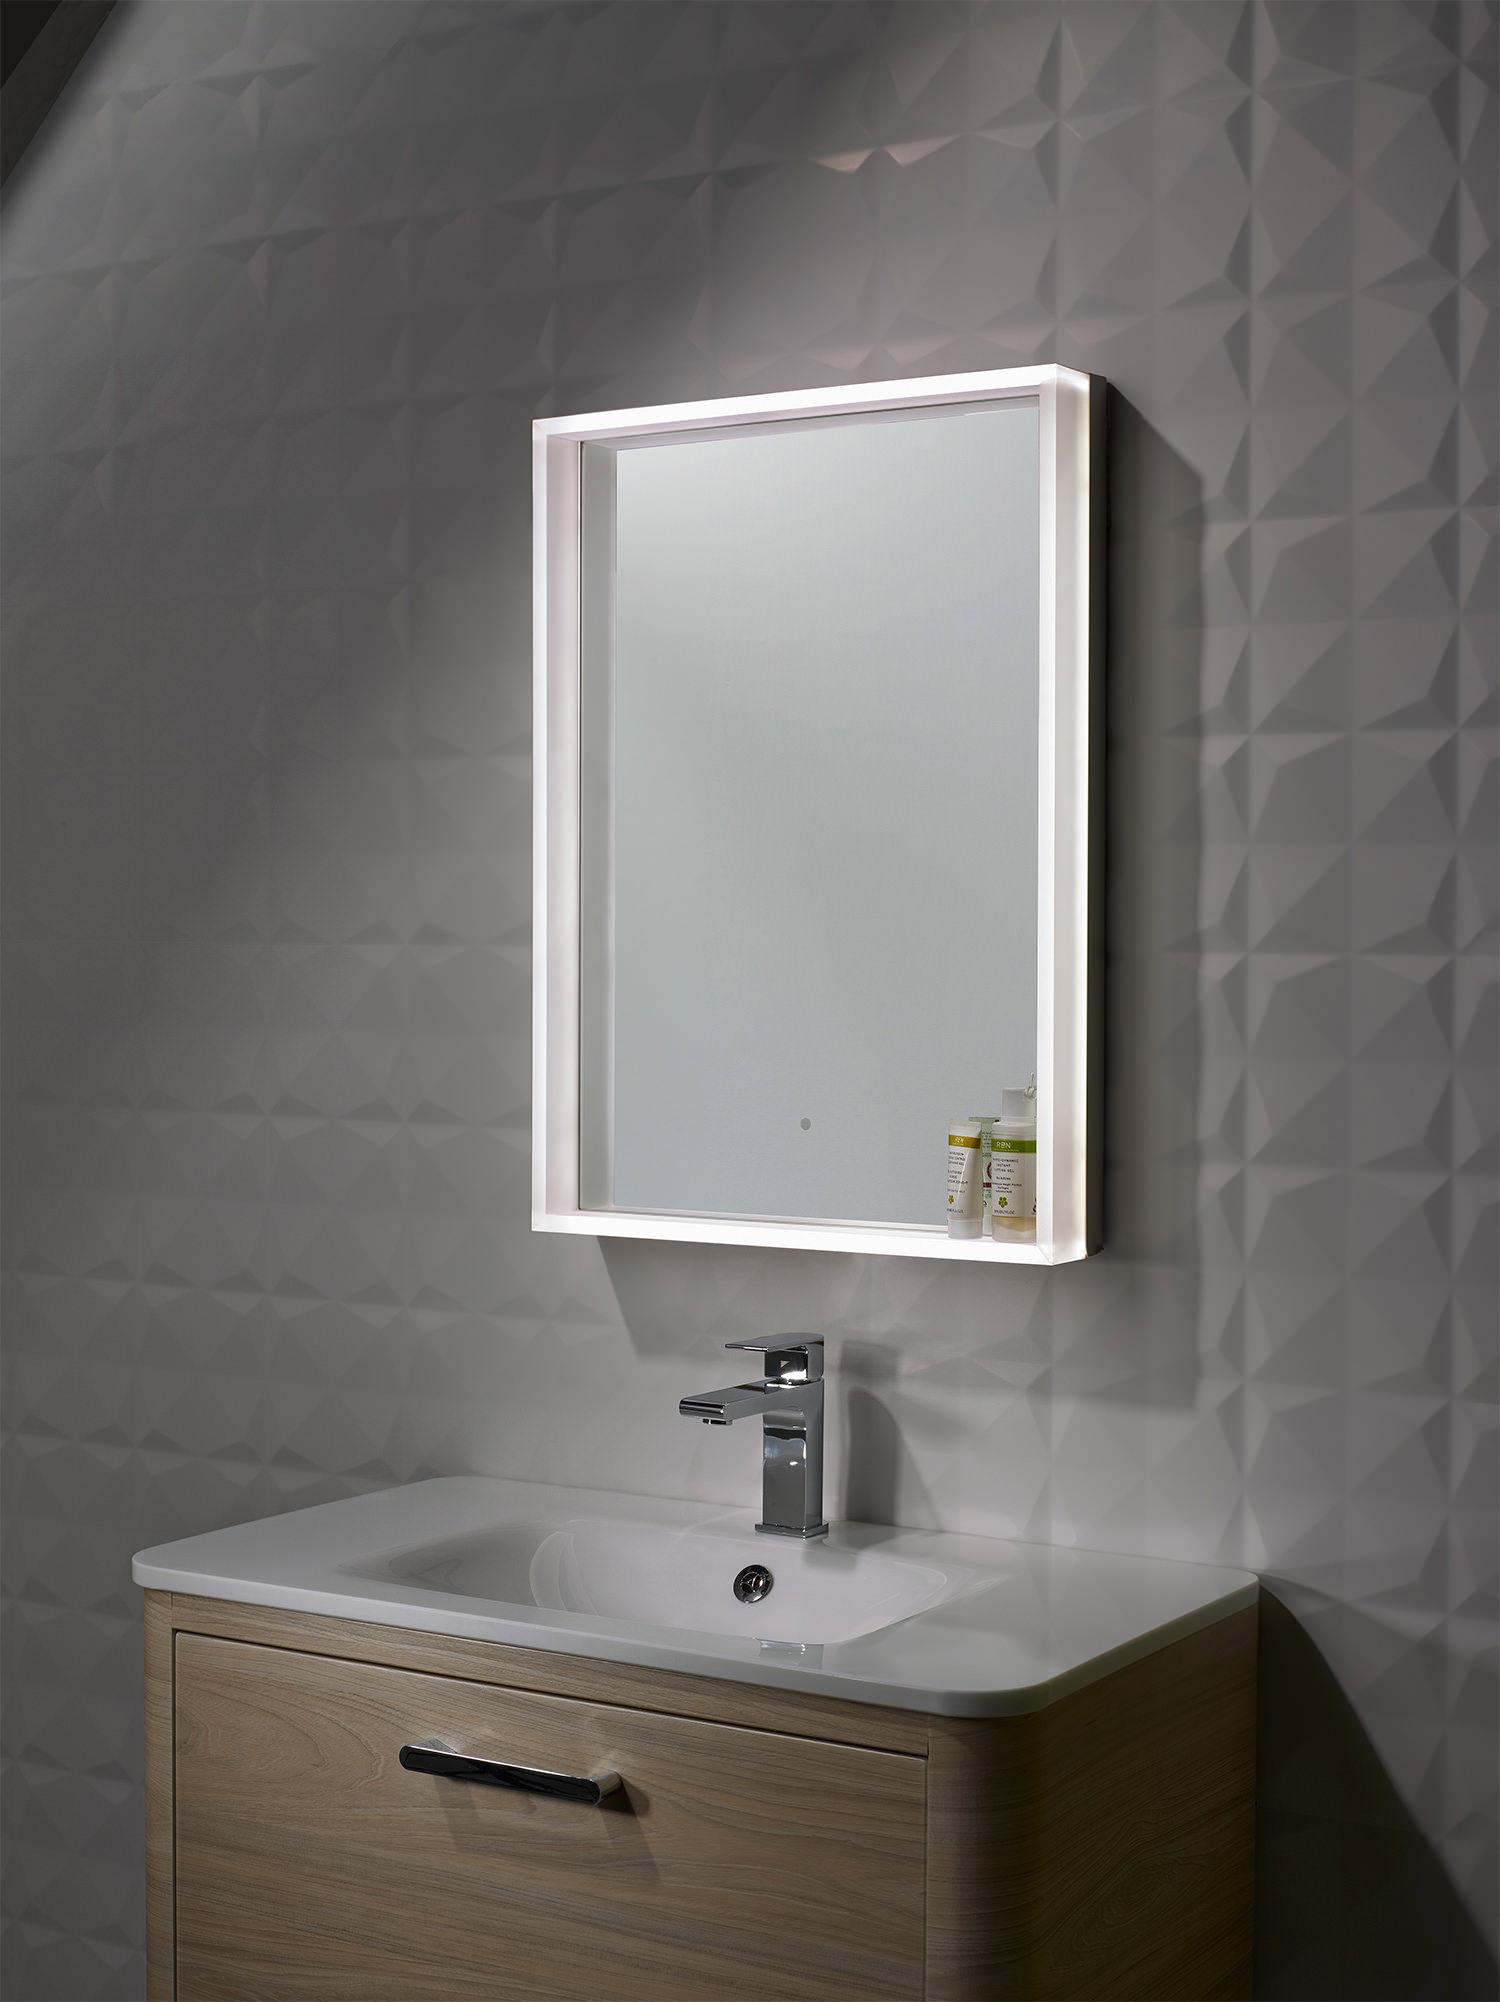 Roper Rhodes Aura Illuminated Framed Mirror 500 x 700mm